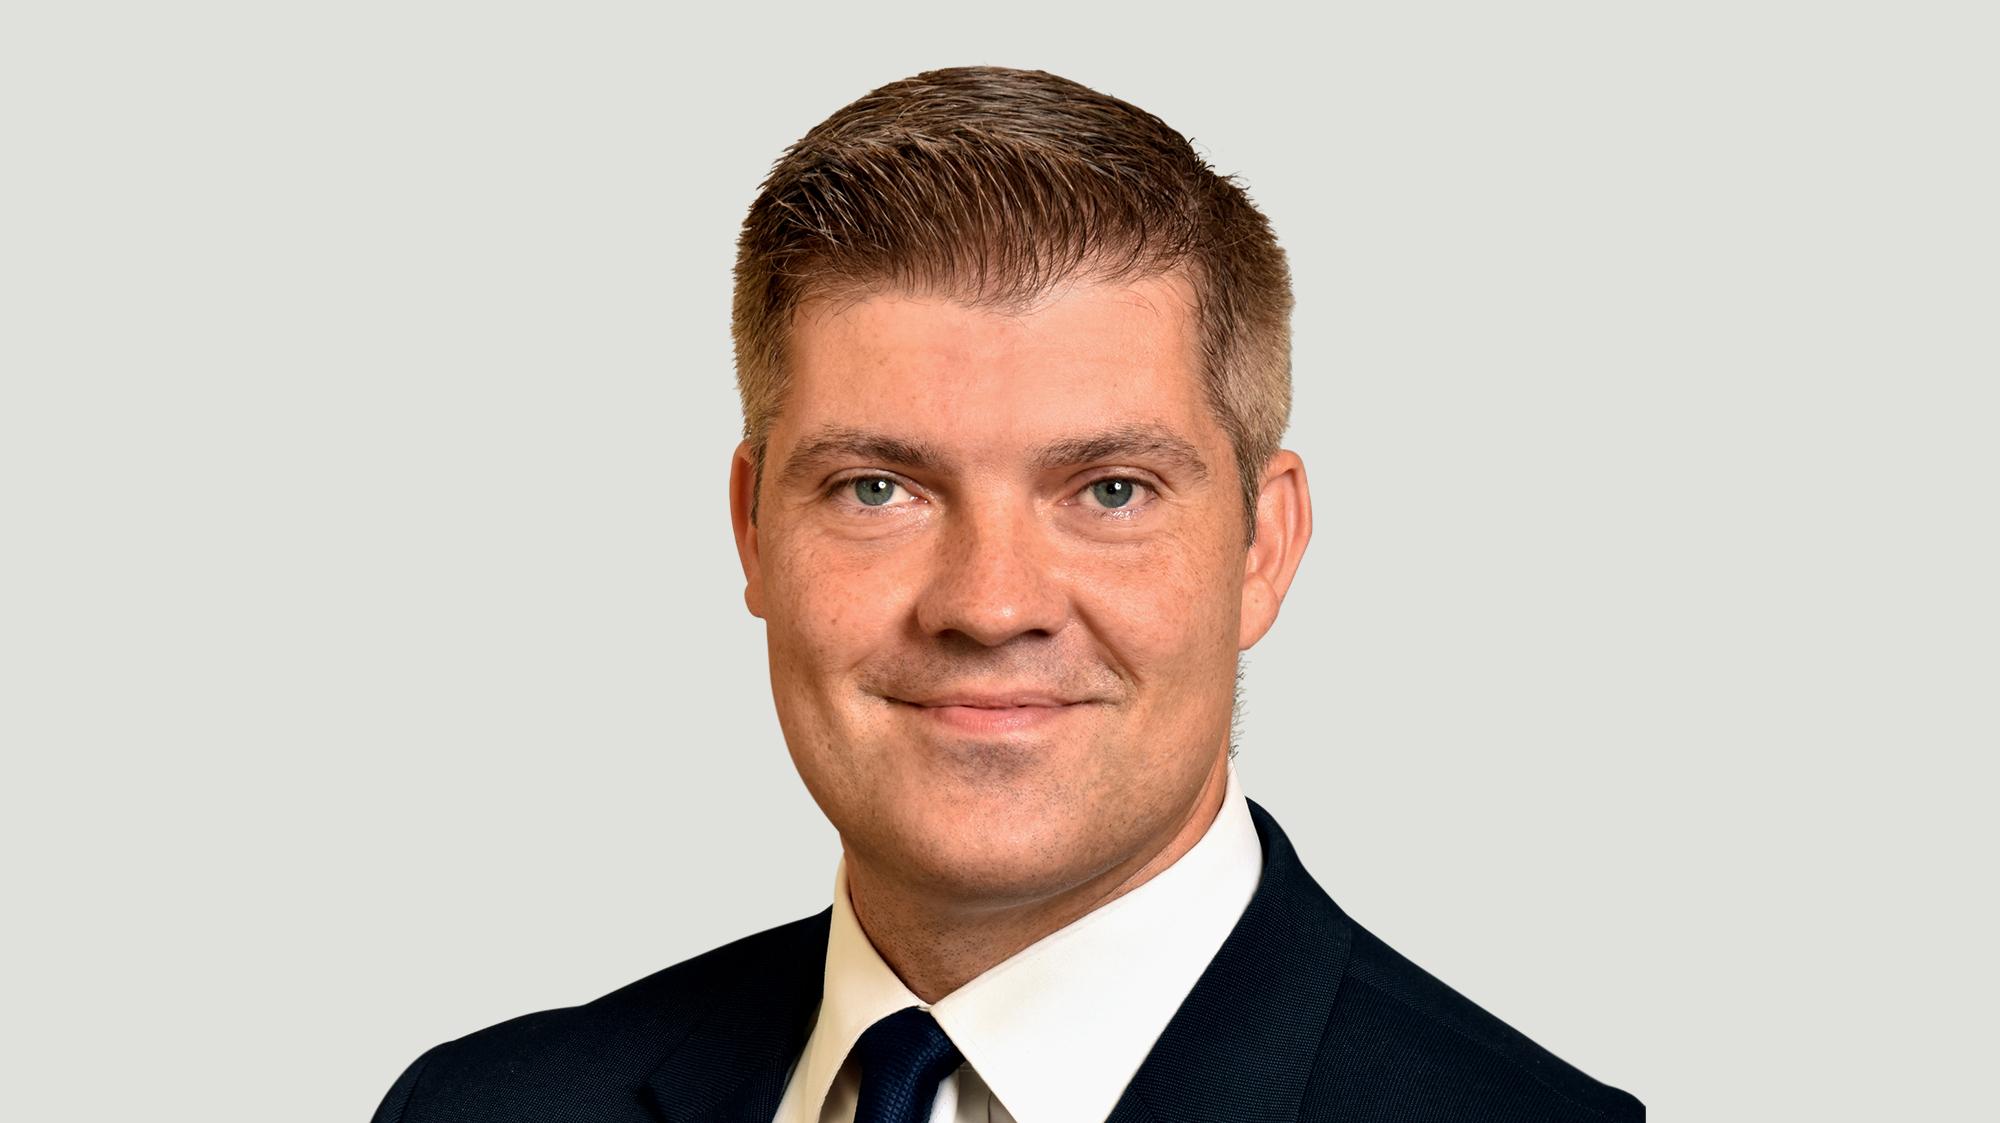 Michael Voisine